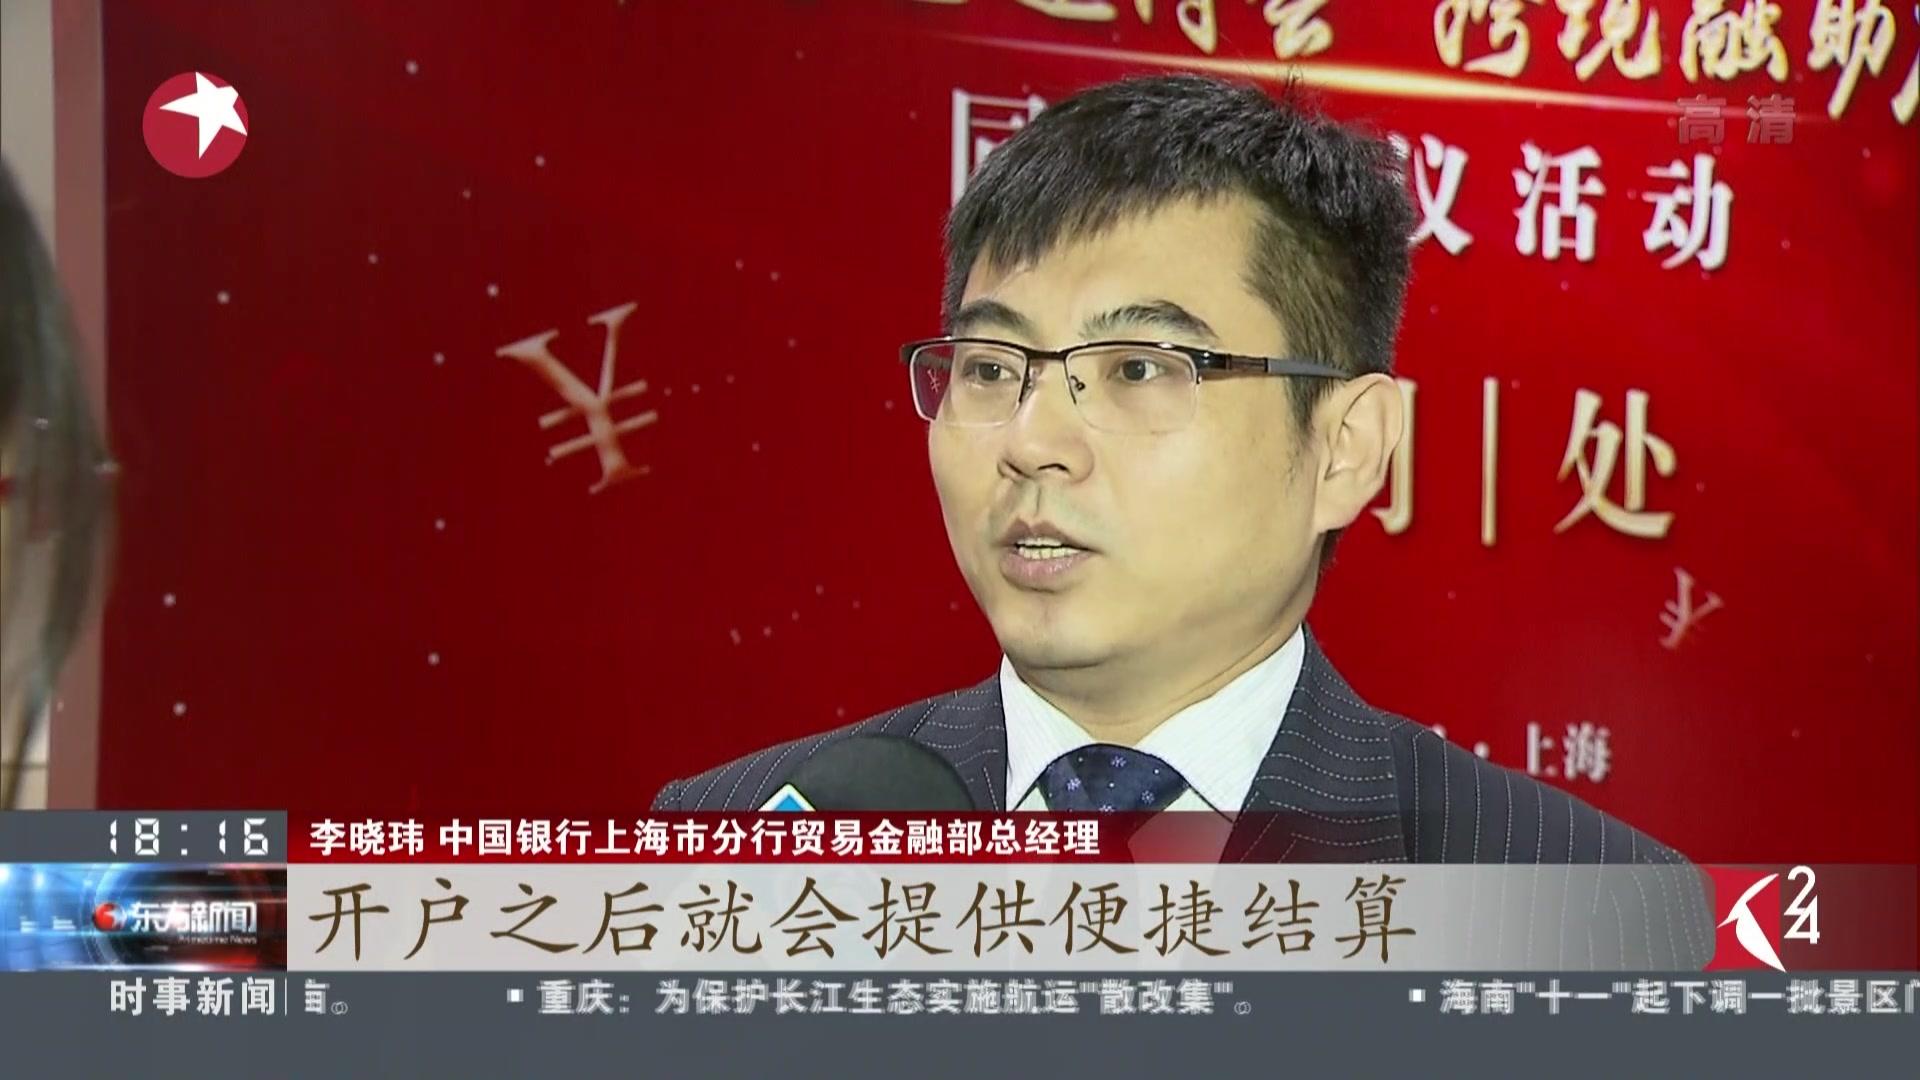 上海:进口博览会金融服务方案发布  助力跨境贸易成交